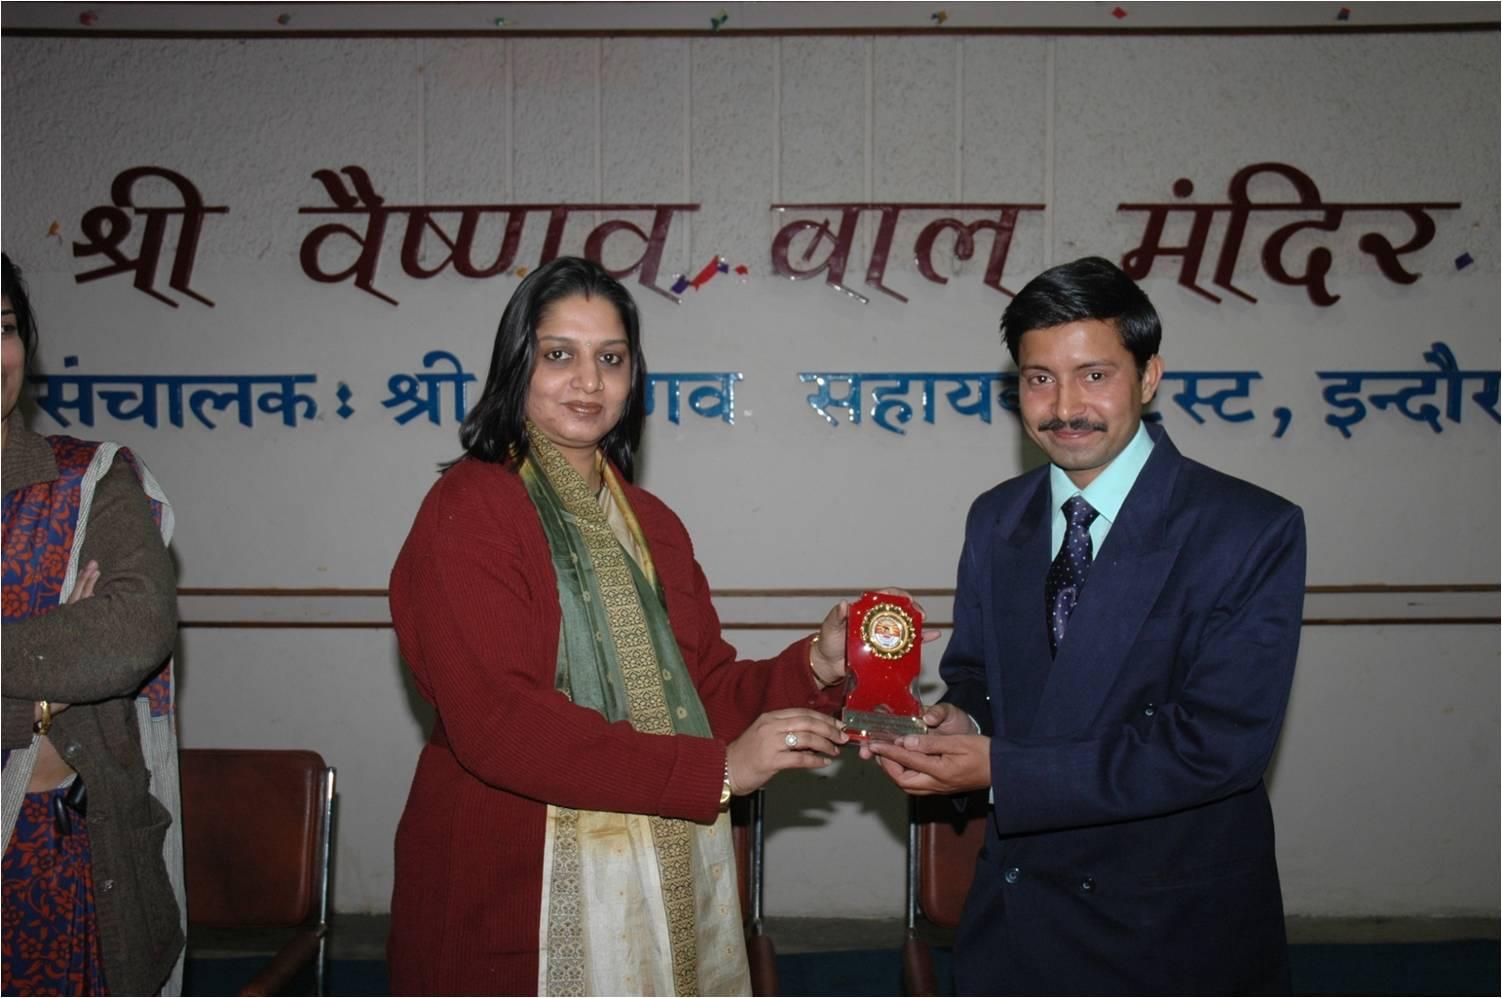 Sachin Bhatnagar Career Counsellor